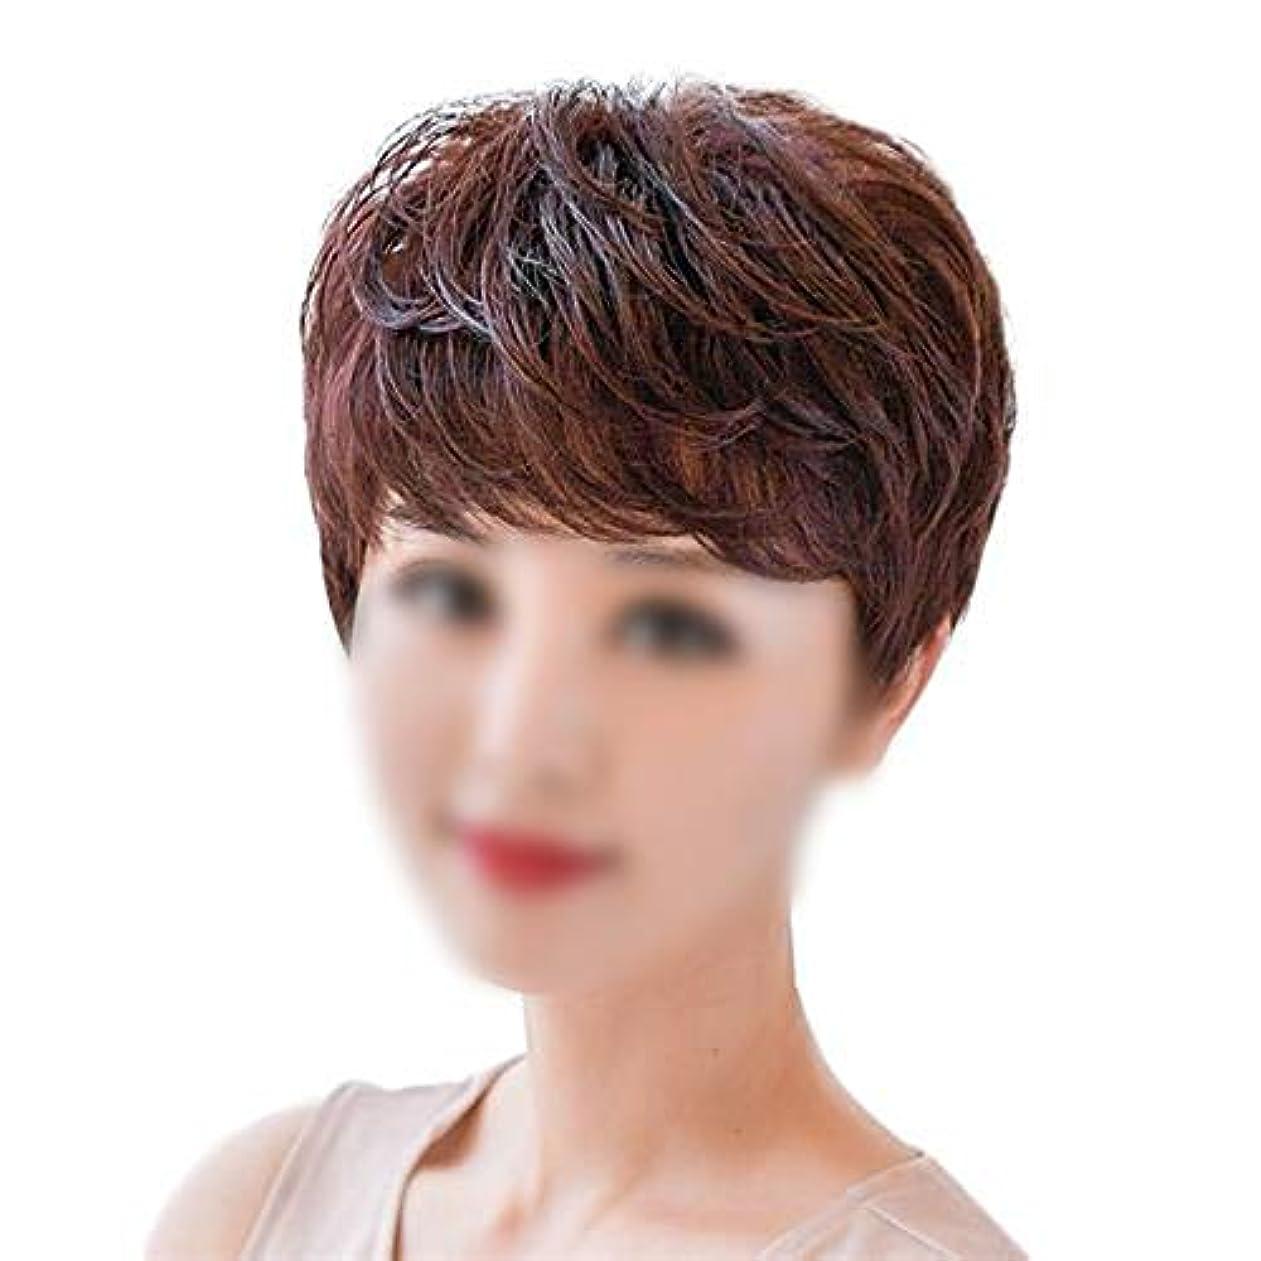 受取人記述する言語YOUQIU 母のギフトかつらのために女性のふわふわナチュラルショートカーリーヘア手織りの実ヘアウィッグ (色 : Dark brown)